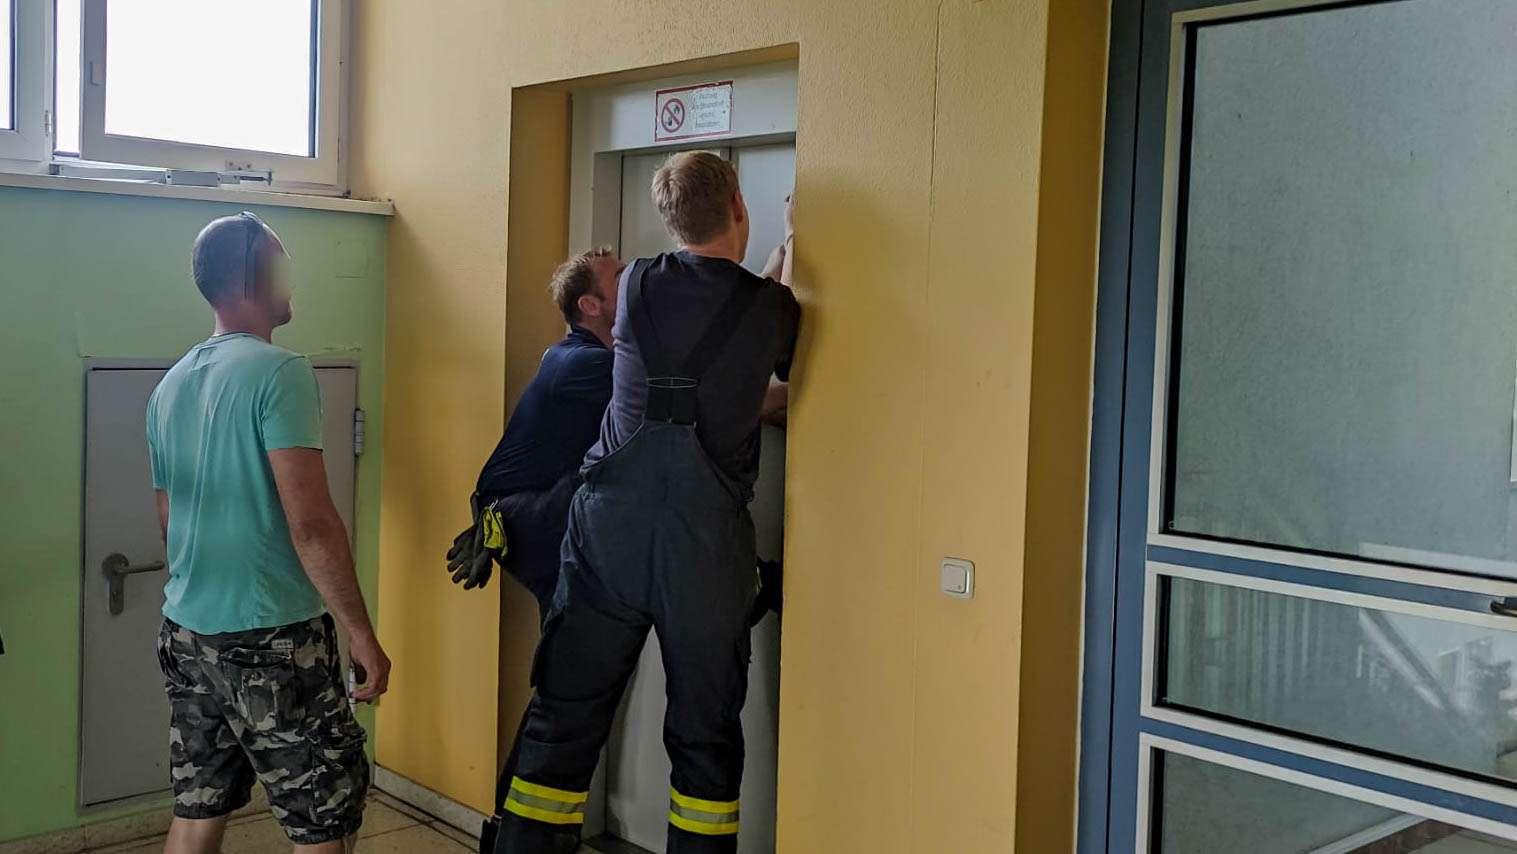 Eingeschlossene Person in Lift